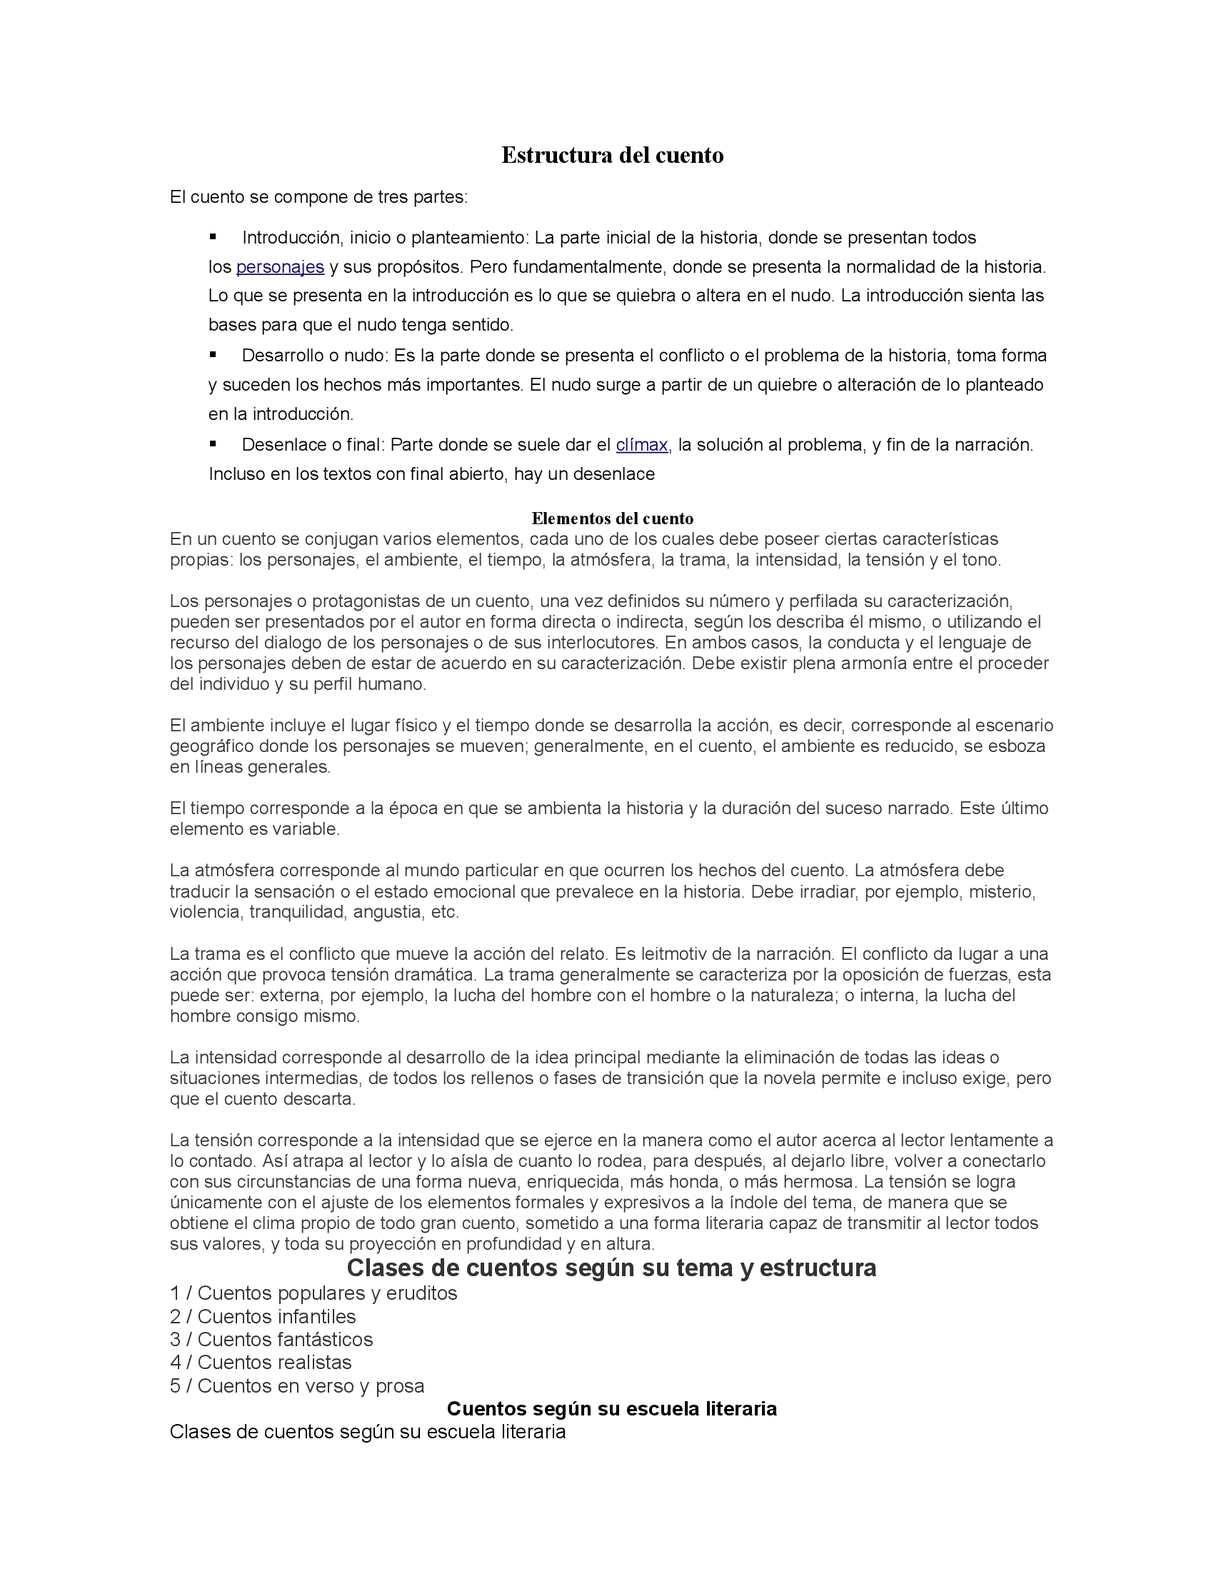 Calaméo Estructura Del Cuento